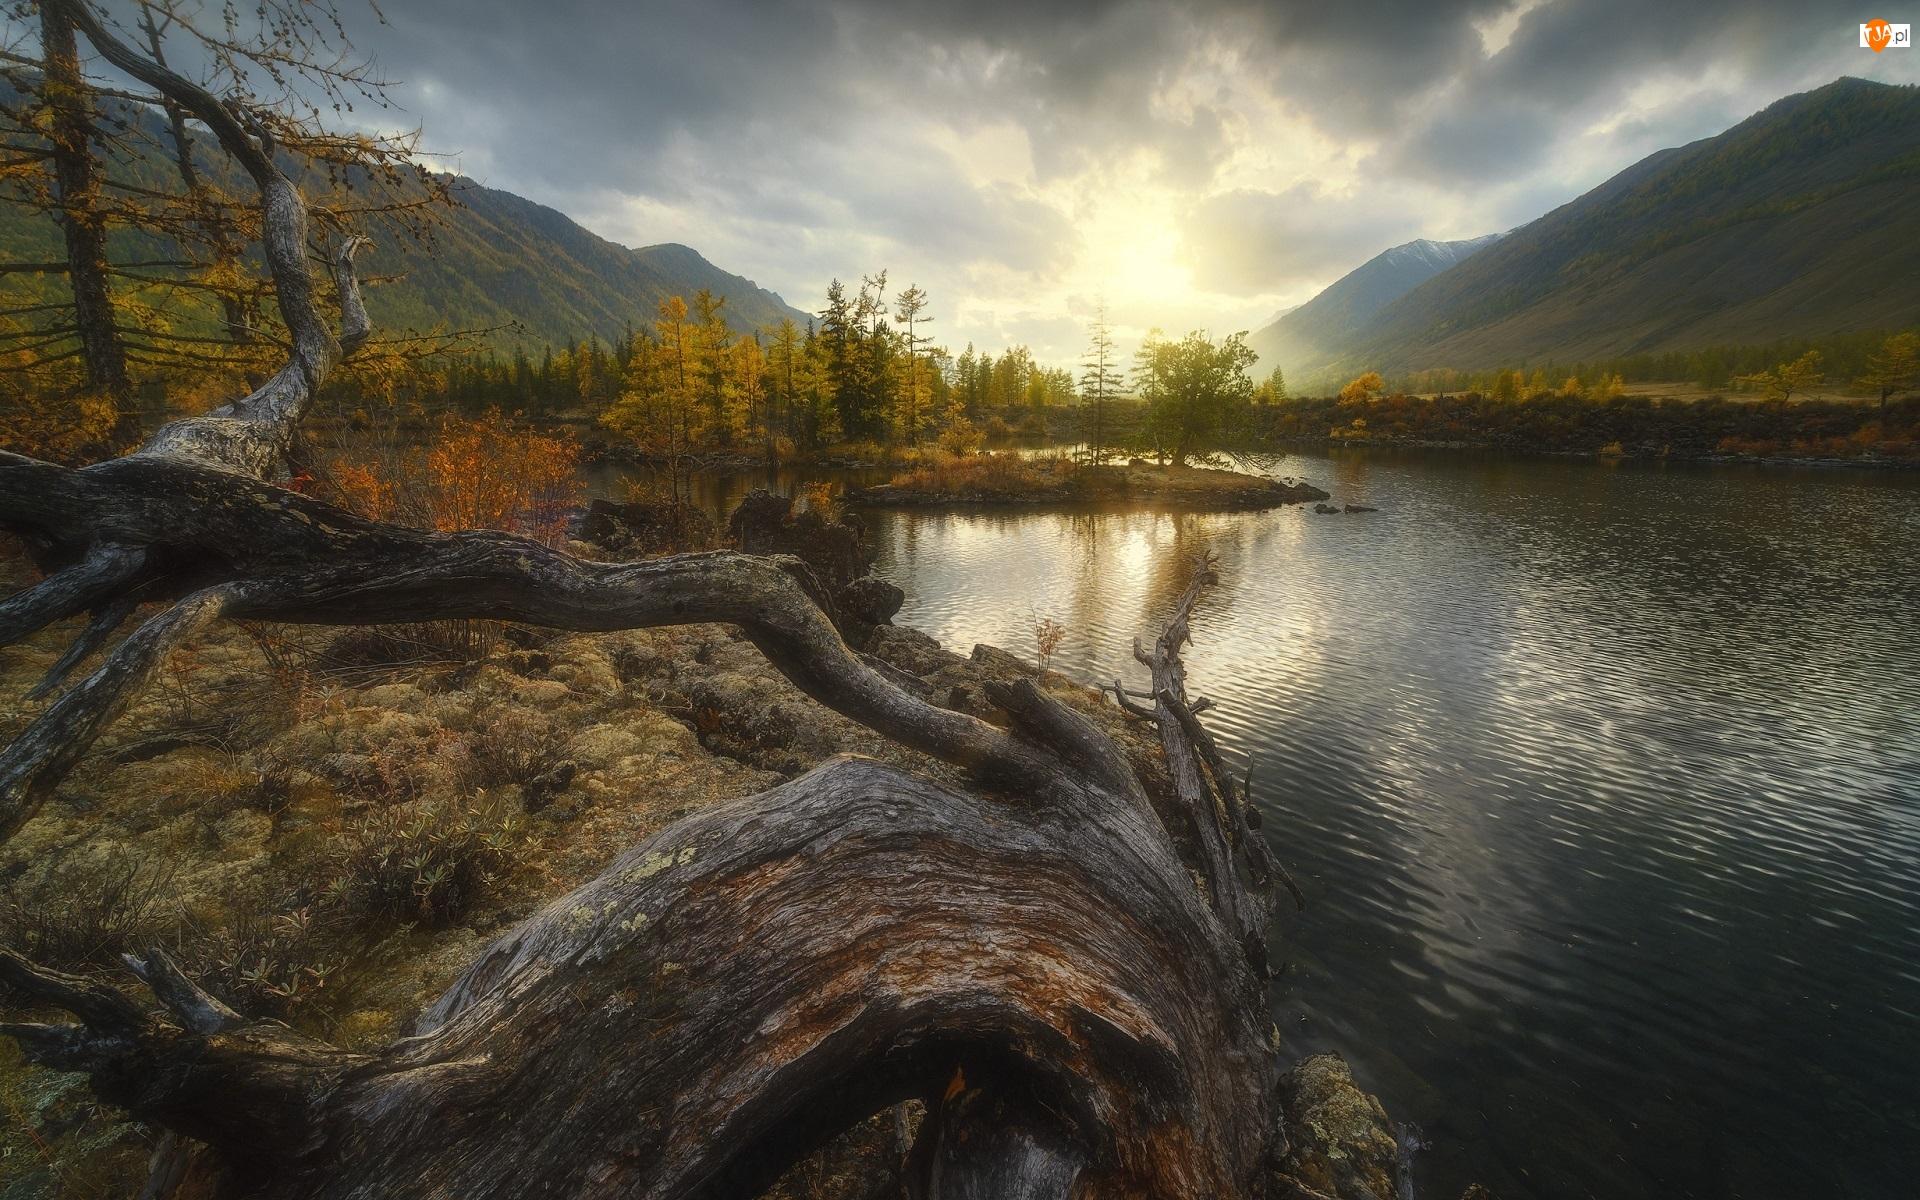 Jesień, Las, Konar, Góry, Syberia, Rosja, Buriacja, Tajga, Rzeka Oka, Drzewa